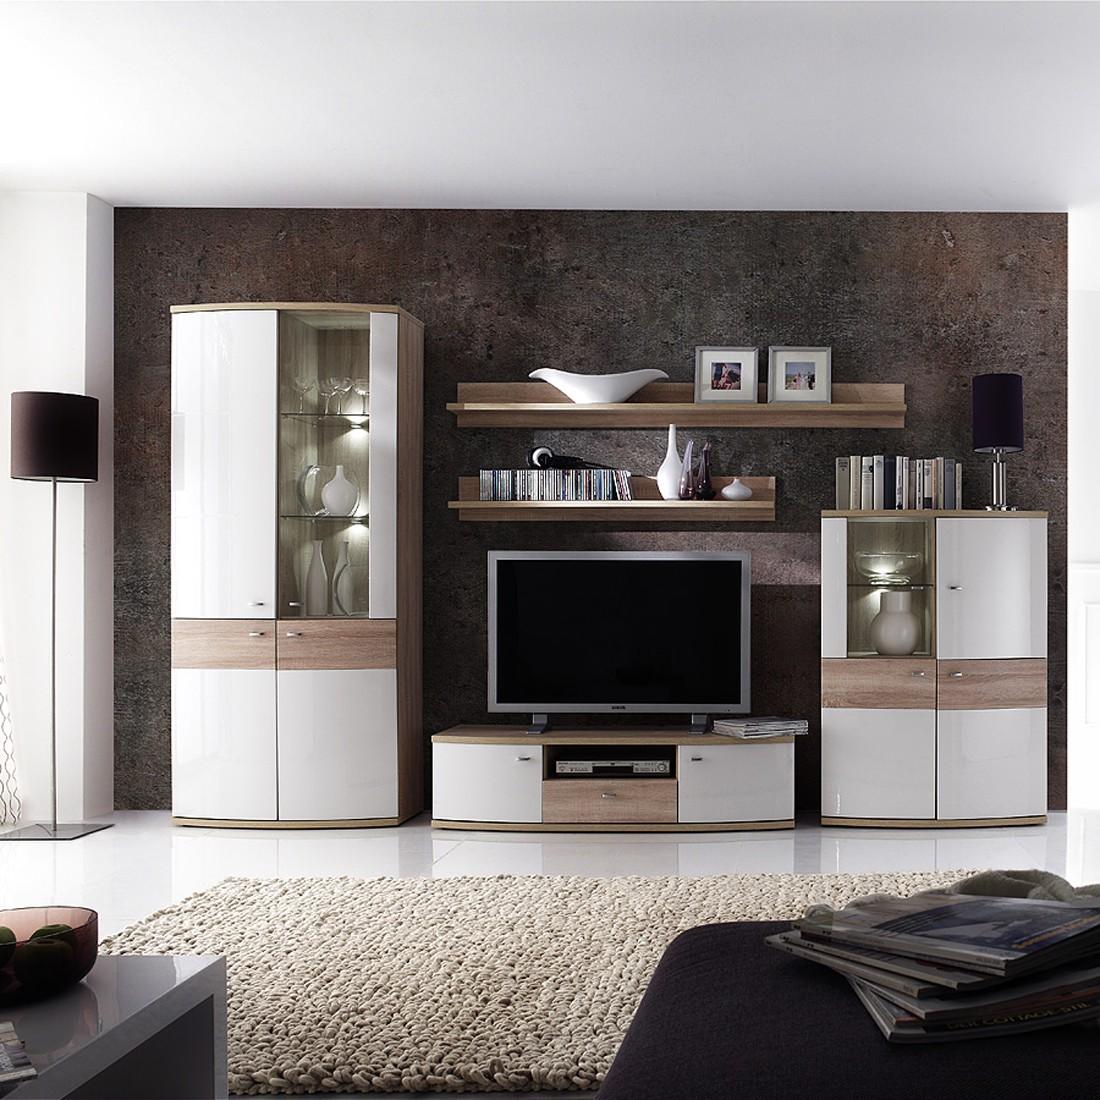 EEK A+, Wohnwand Clarince (5-teilig) – Hochglanz Weiß/Eiche Sonoma Dekor mit Beleuchtung, loftscape bestellen